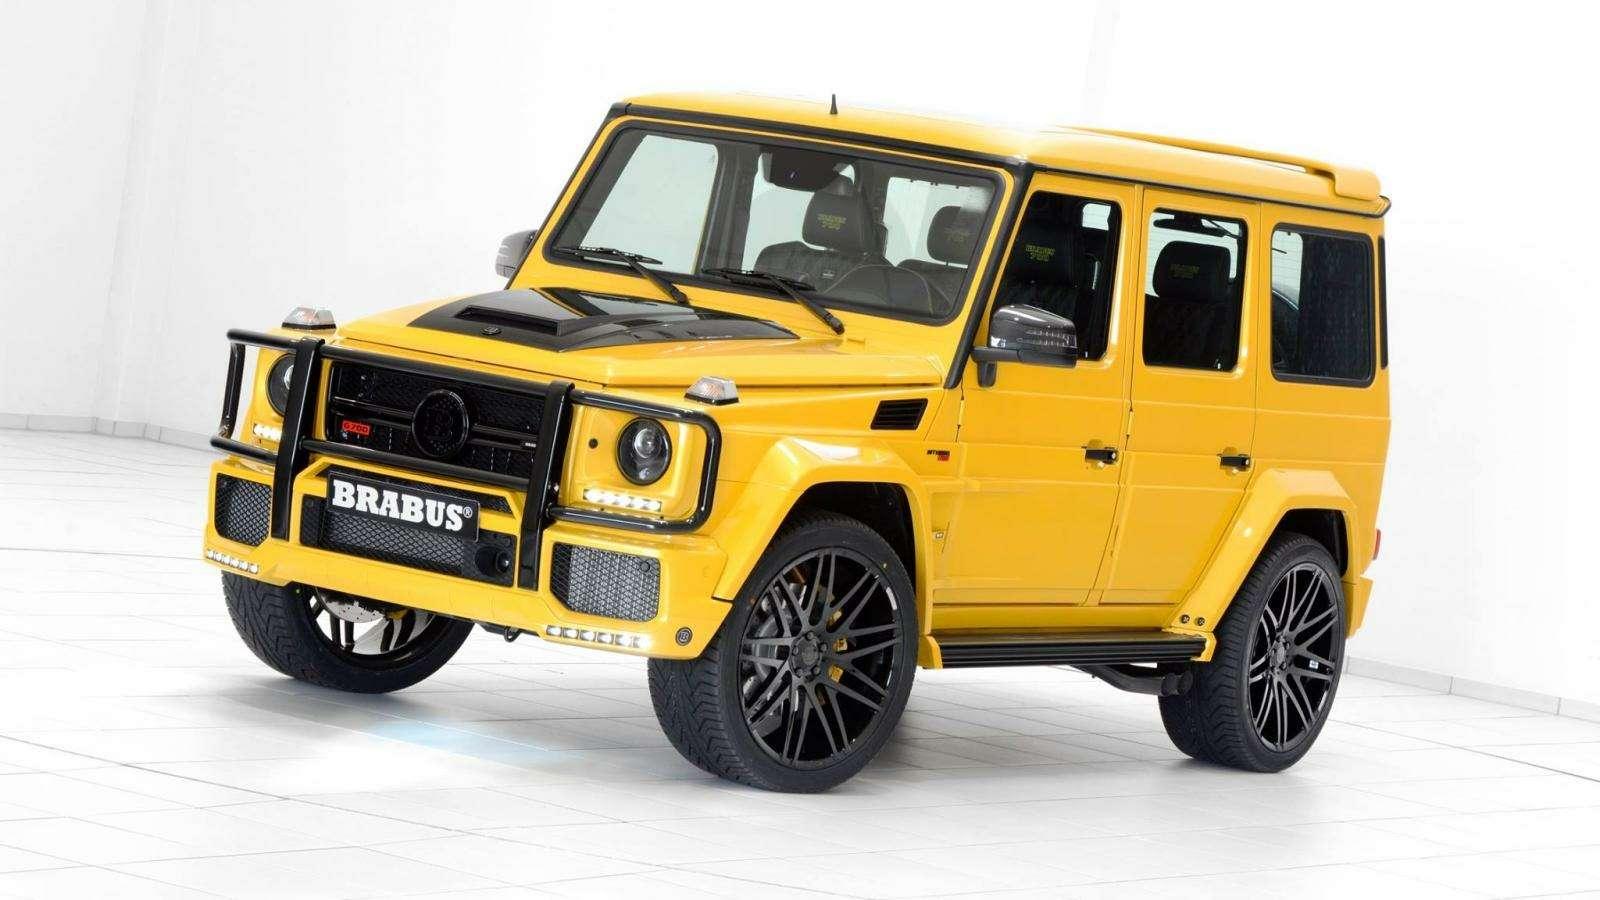 Brabus-такси: желтый Mercedes-AMG G63 готов «бомбить» поавтобанам— фото 577300